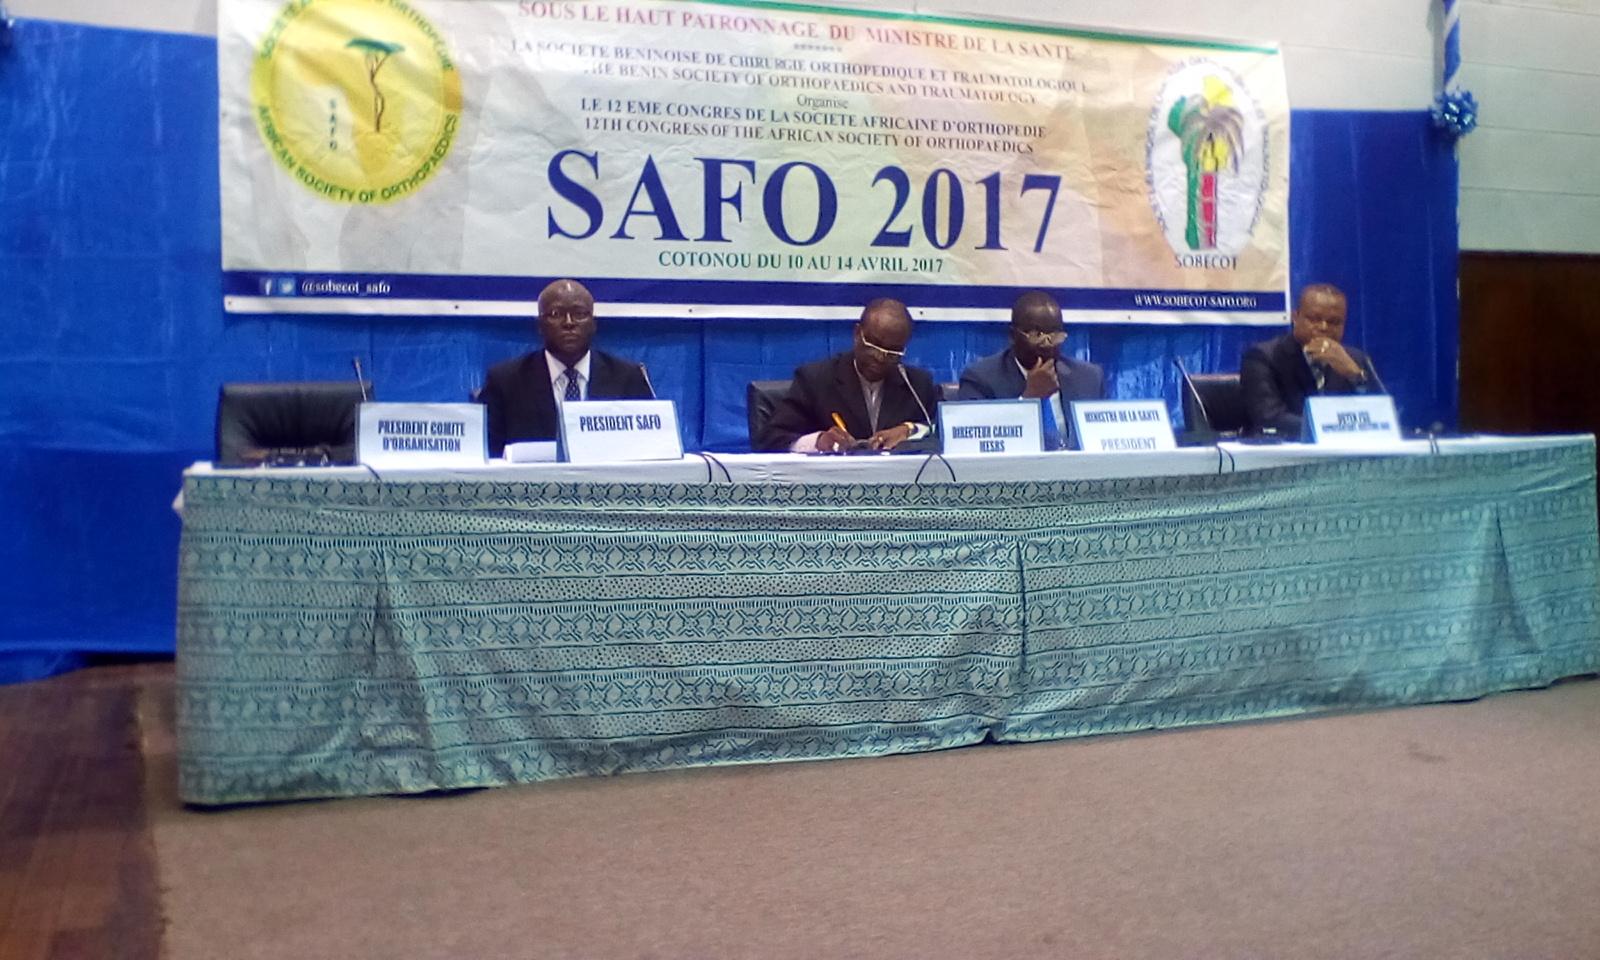 12ème congrès de la Société africaine d'orthopédie